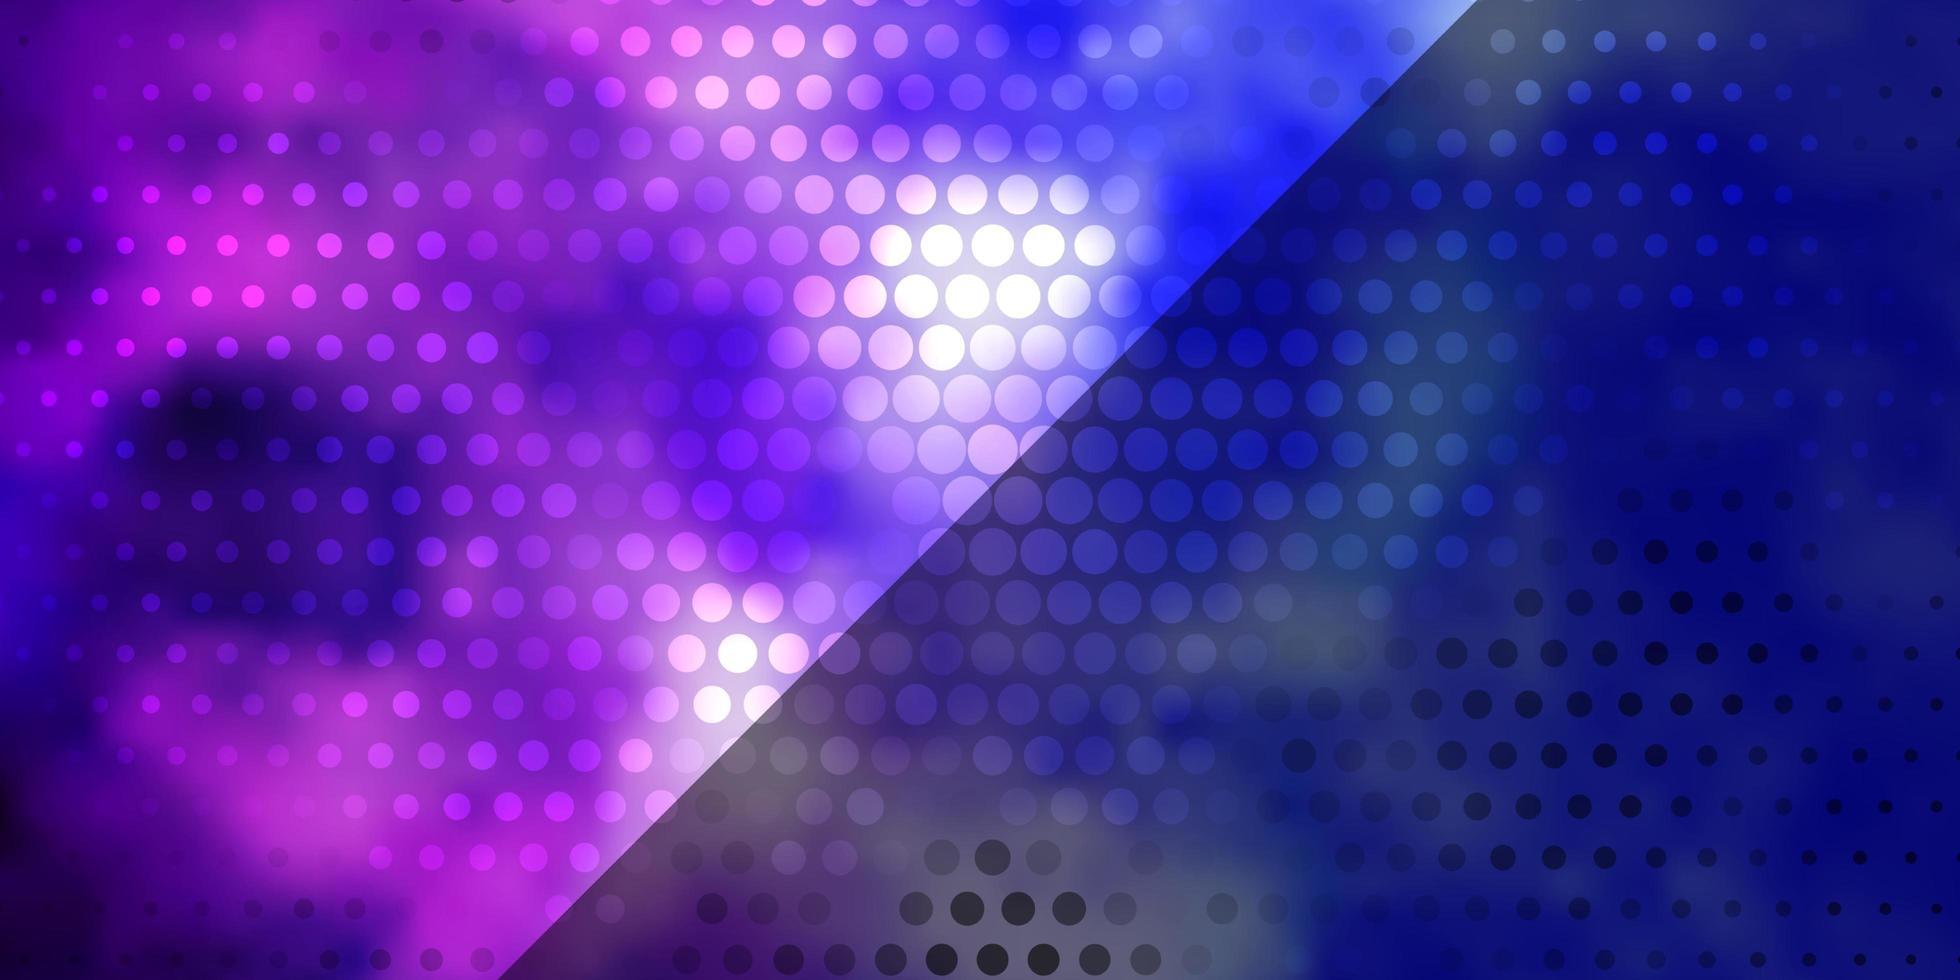 lichtroze, blauwe vectorlay-out met cirkels. vector